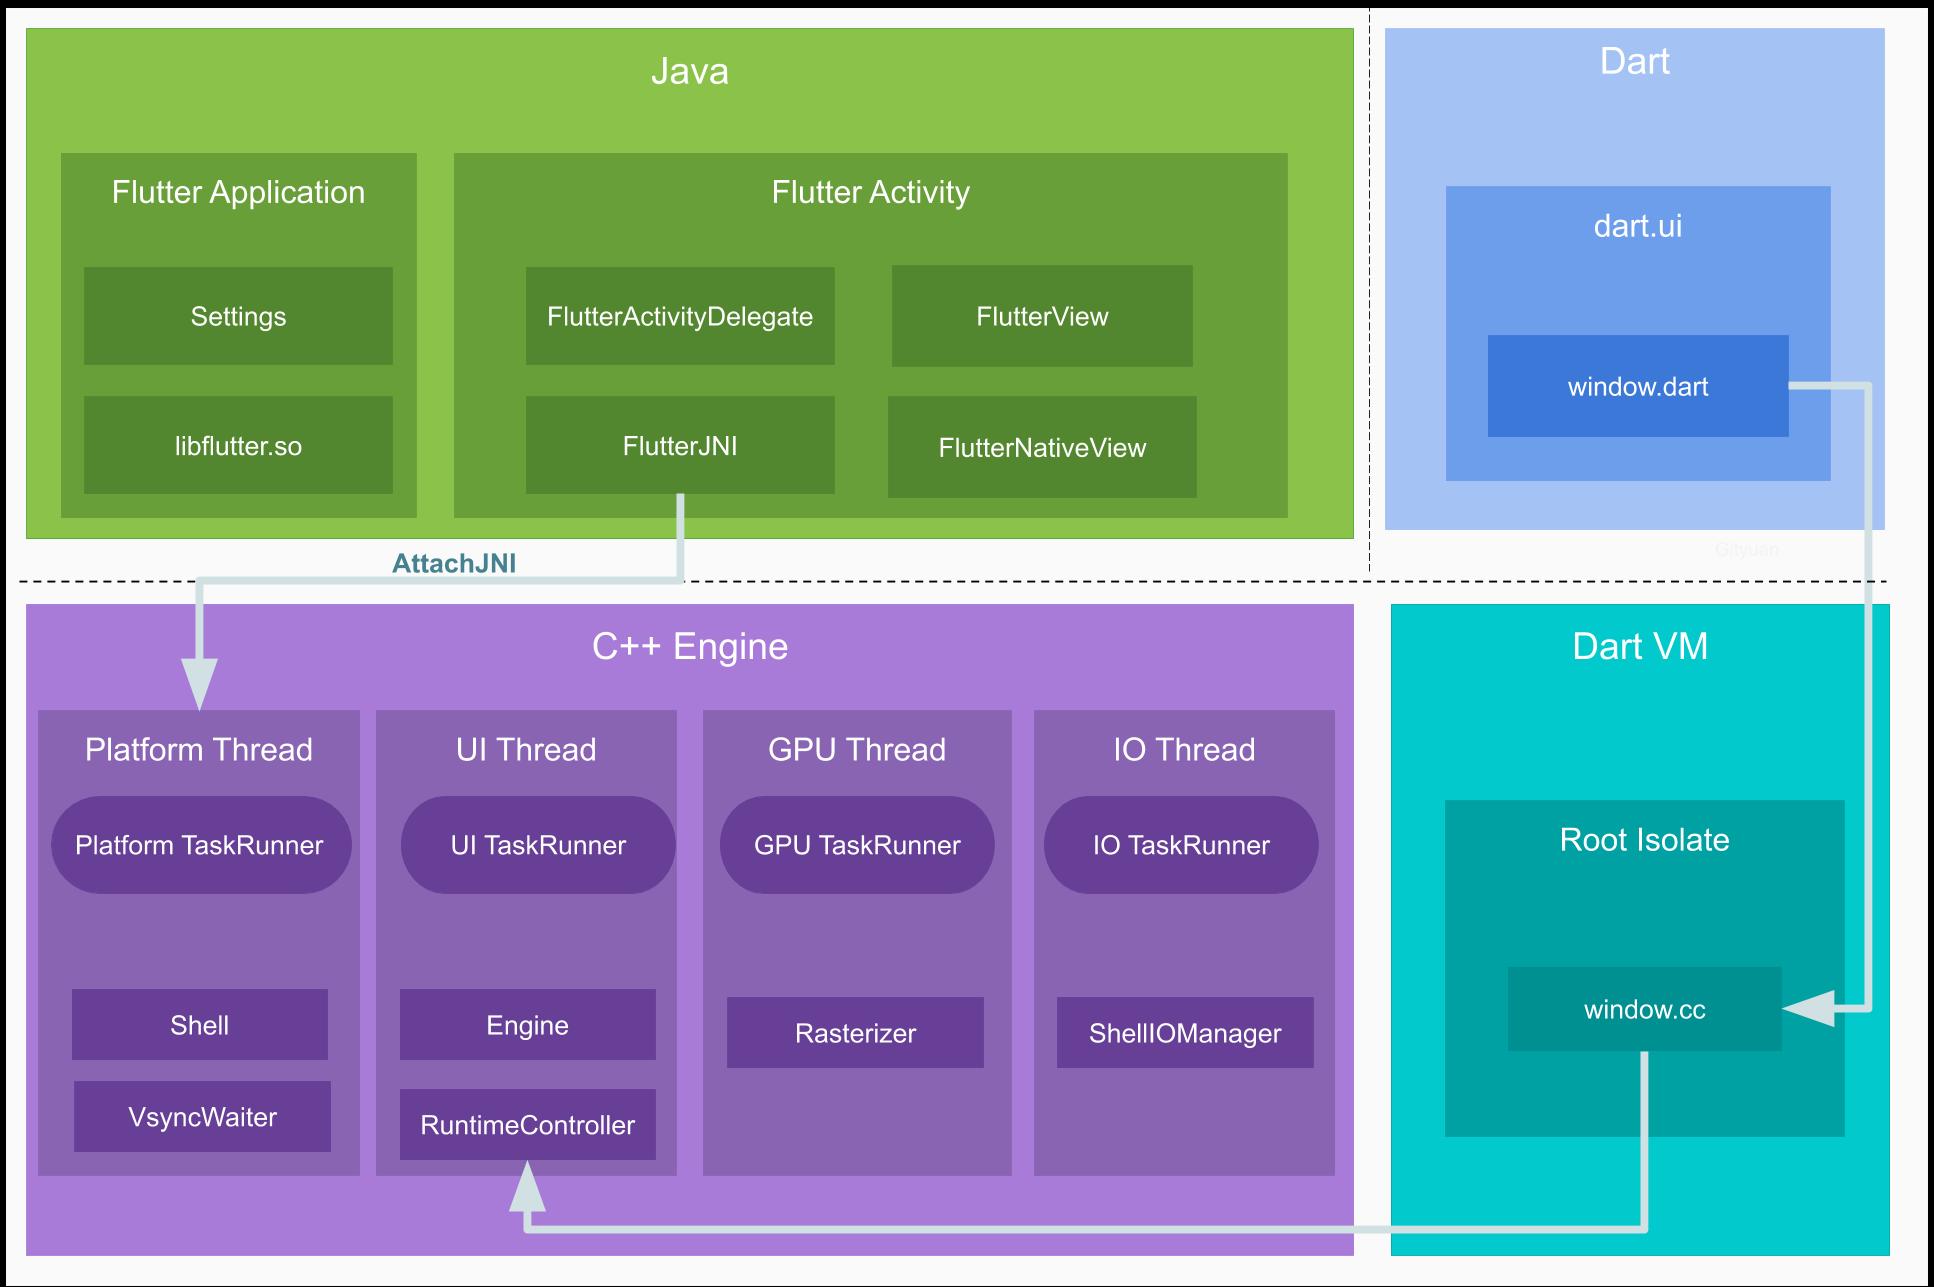 字节跳动技术整理:一文秒懂Flutter 跨平台演进及架构